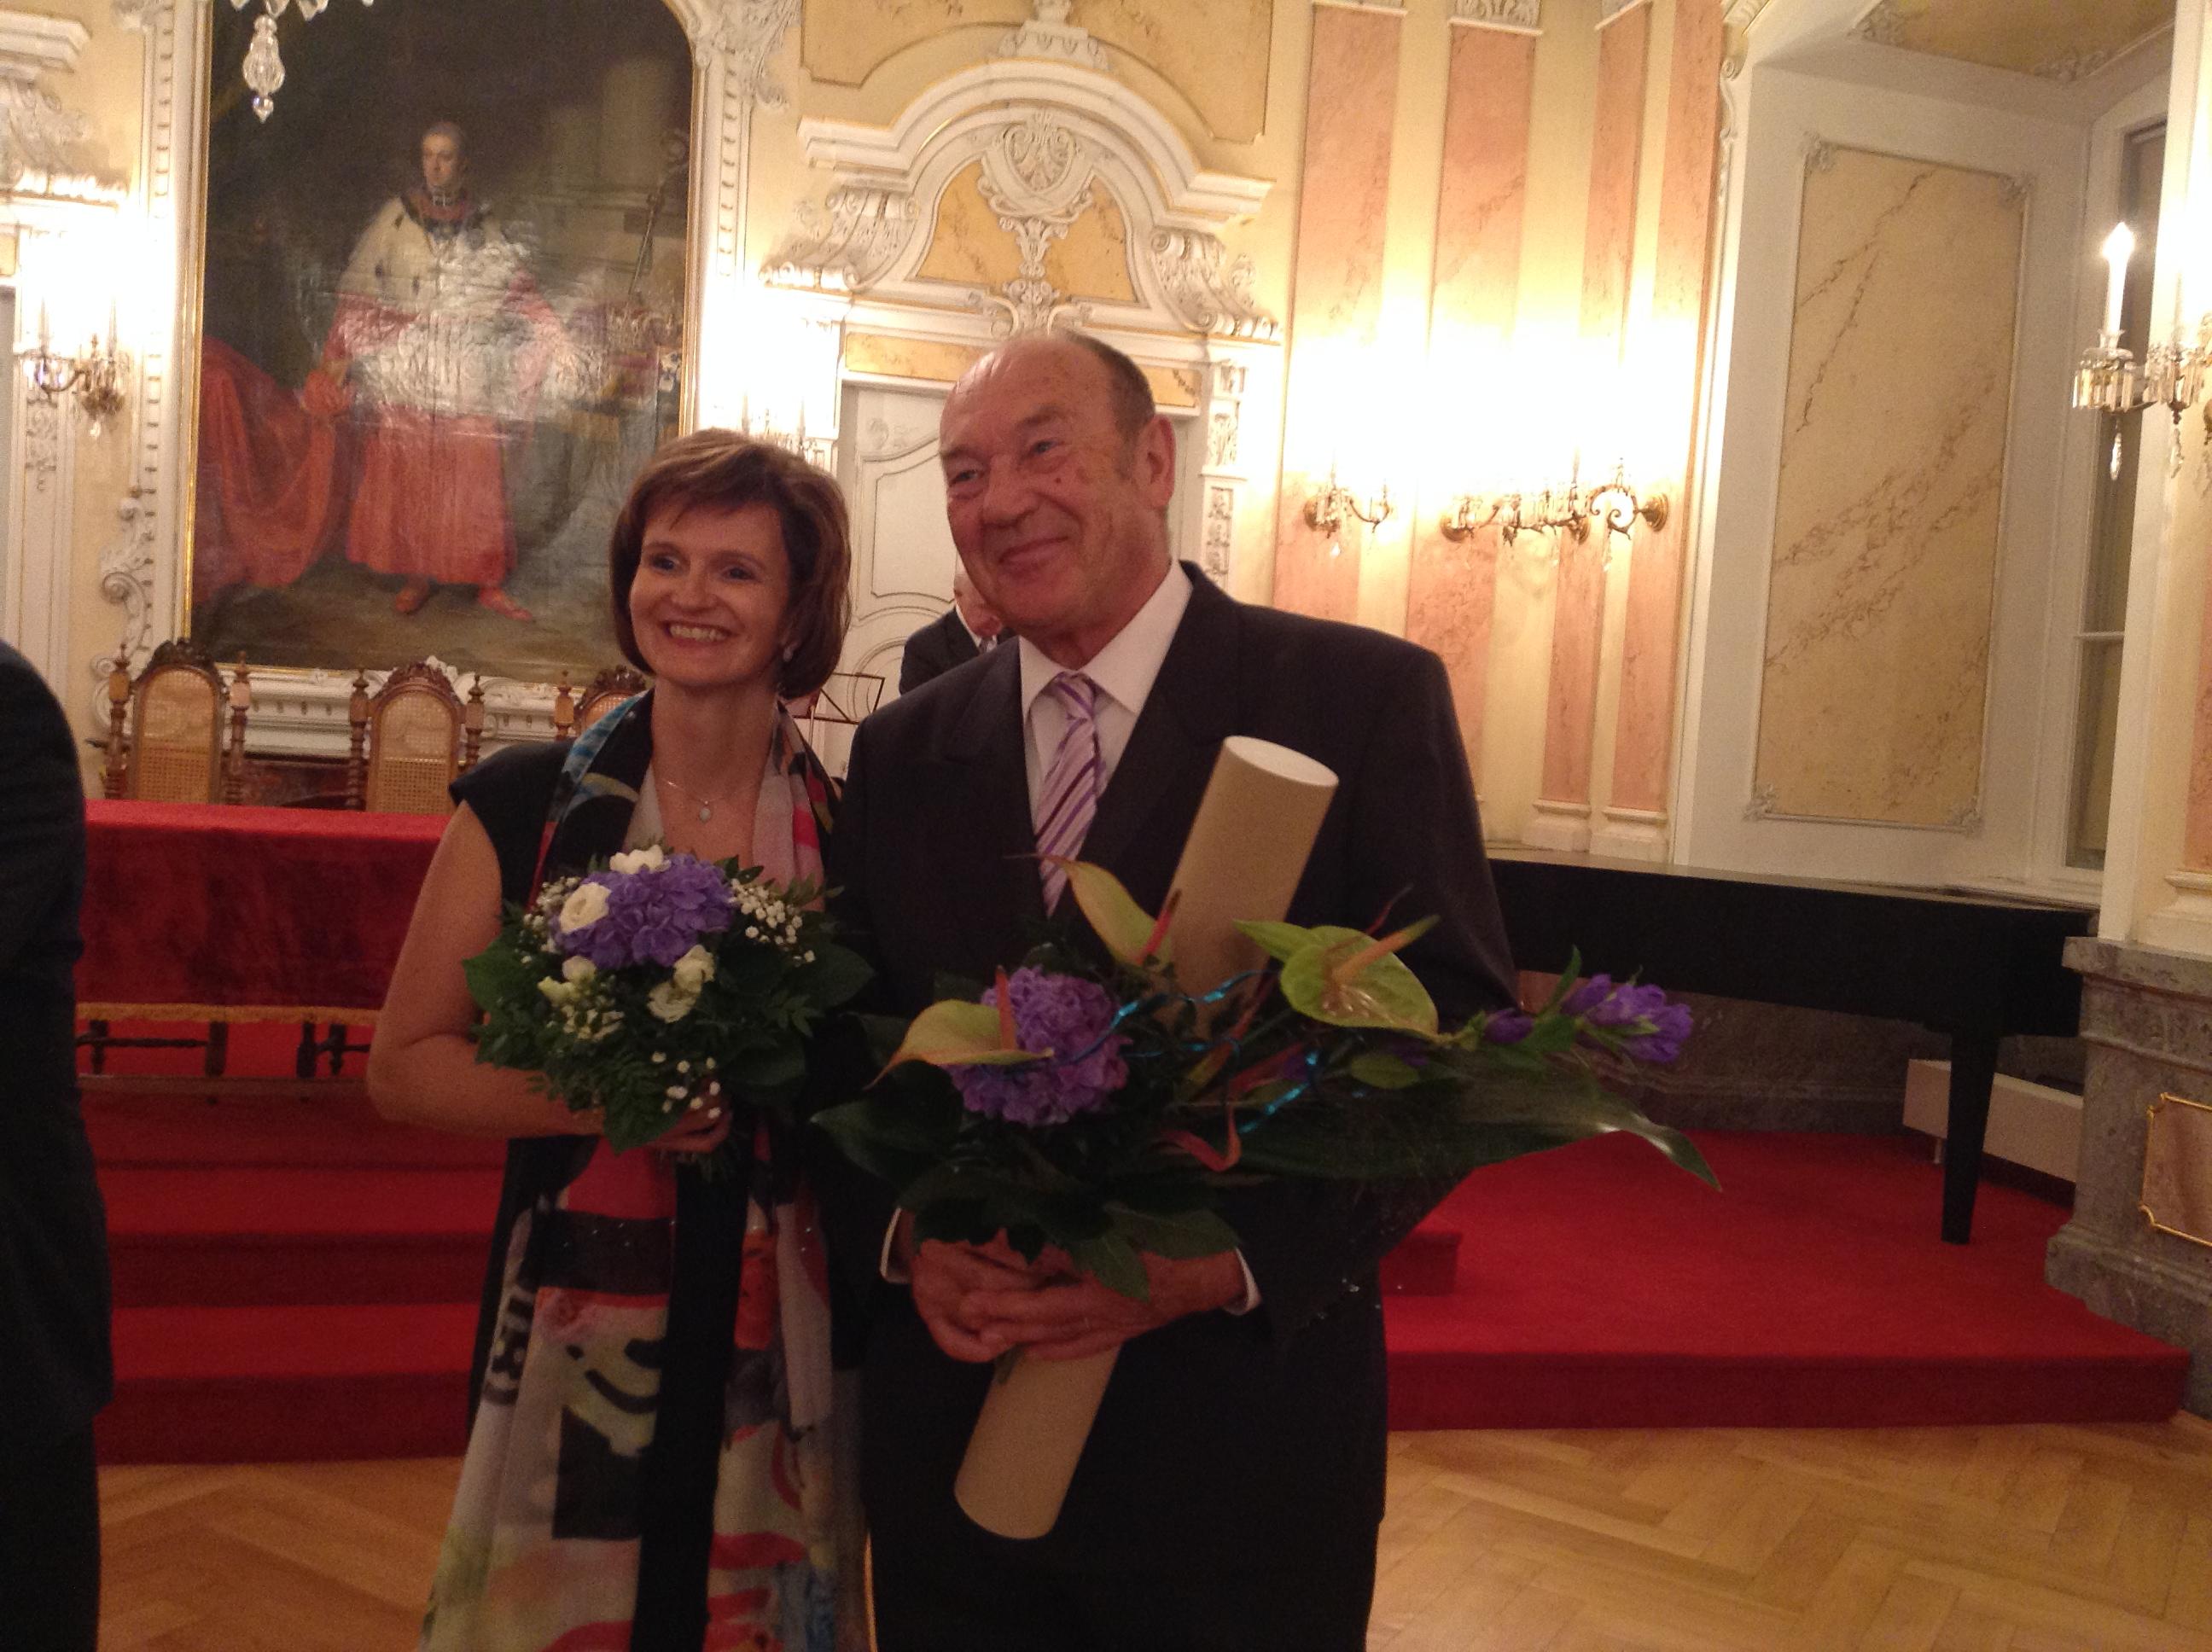 Cena Vladimíra Jochmanna udělovaná v rámci Jubilejního 10. ročníku Festivalu vzdělávání dospělých AEDUCA 2014